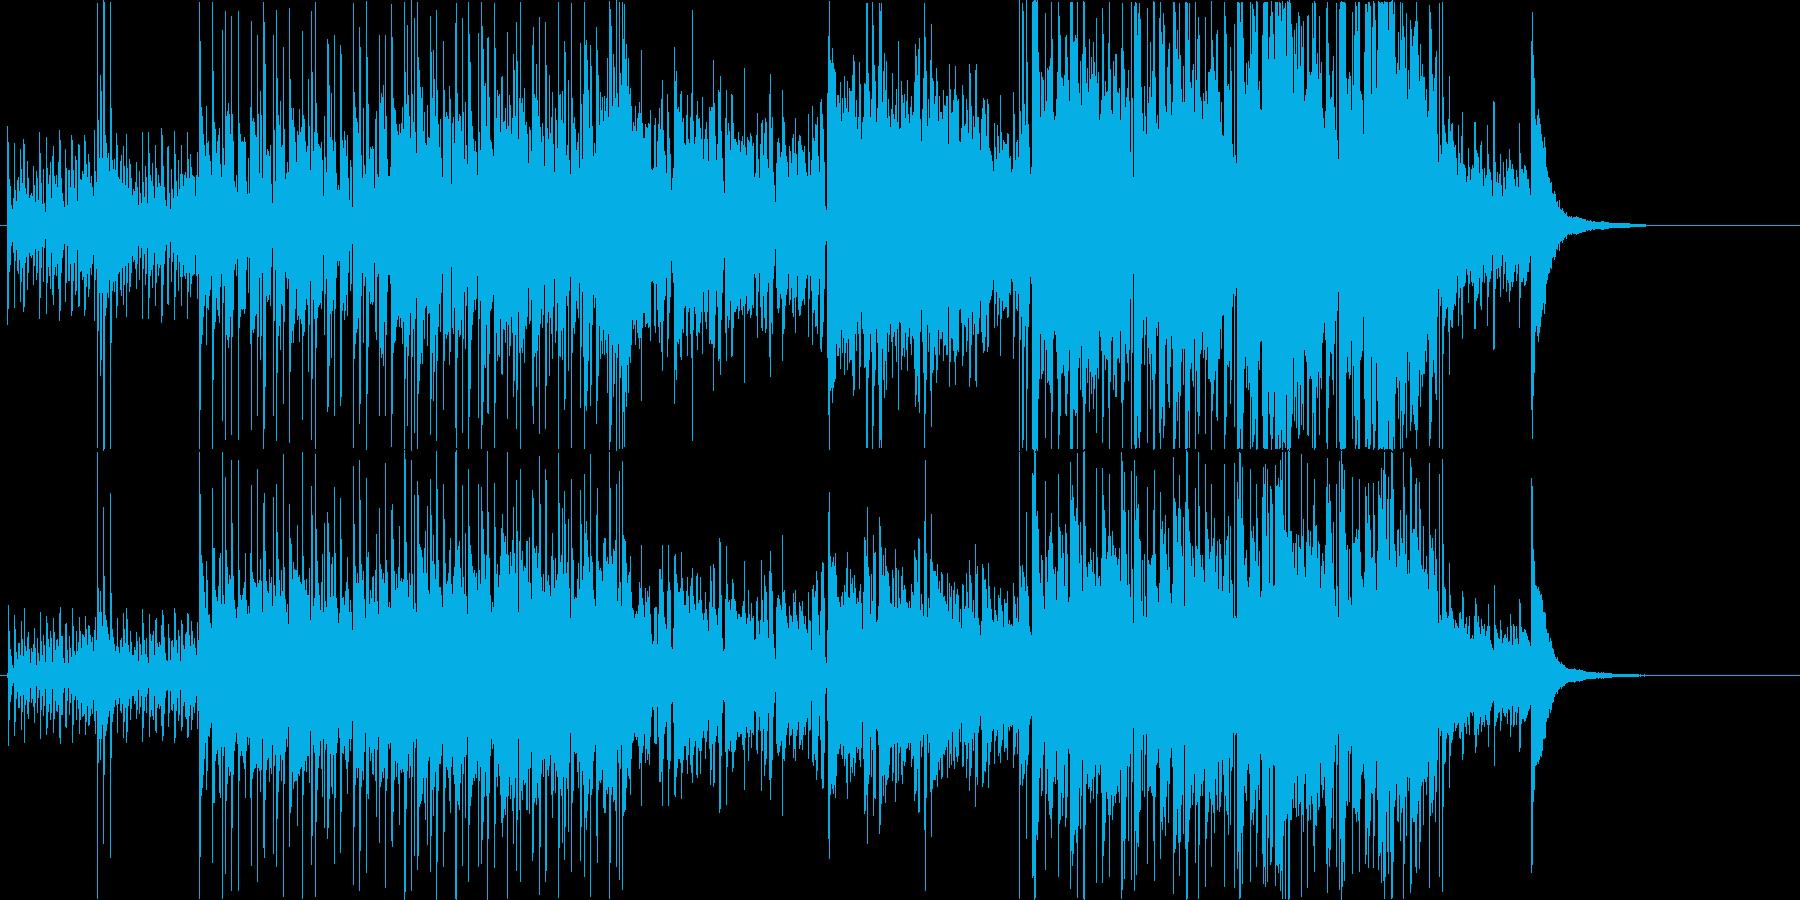 バンジョーを使用した軽快コミカルなBGMの再生済みの波形